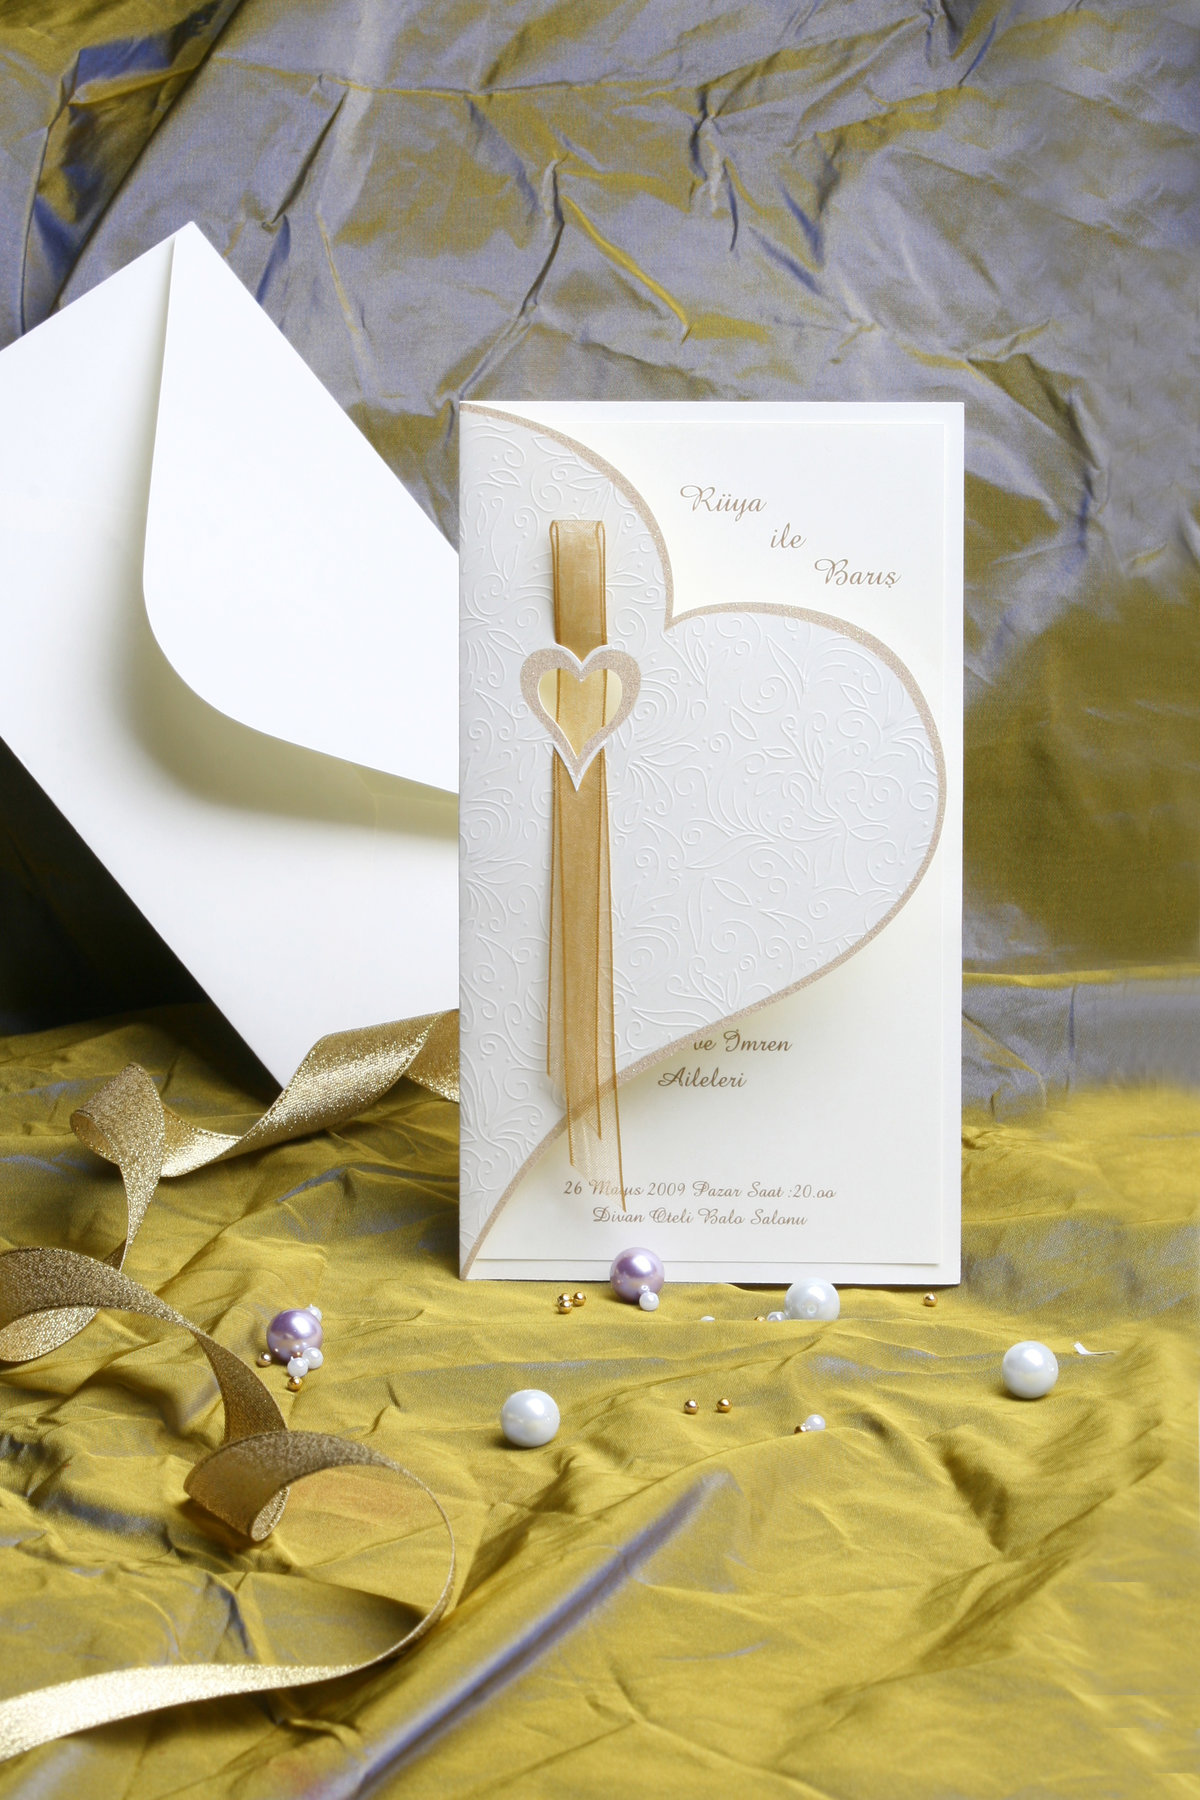 Картинки днем, сделать приглашения на свадьбу своими руками пошаговая инструкция